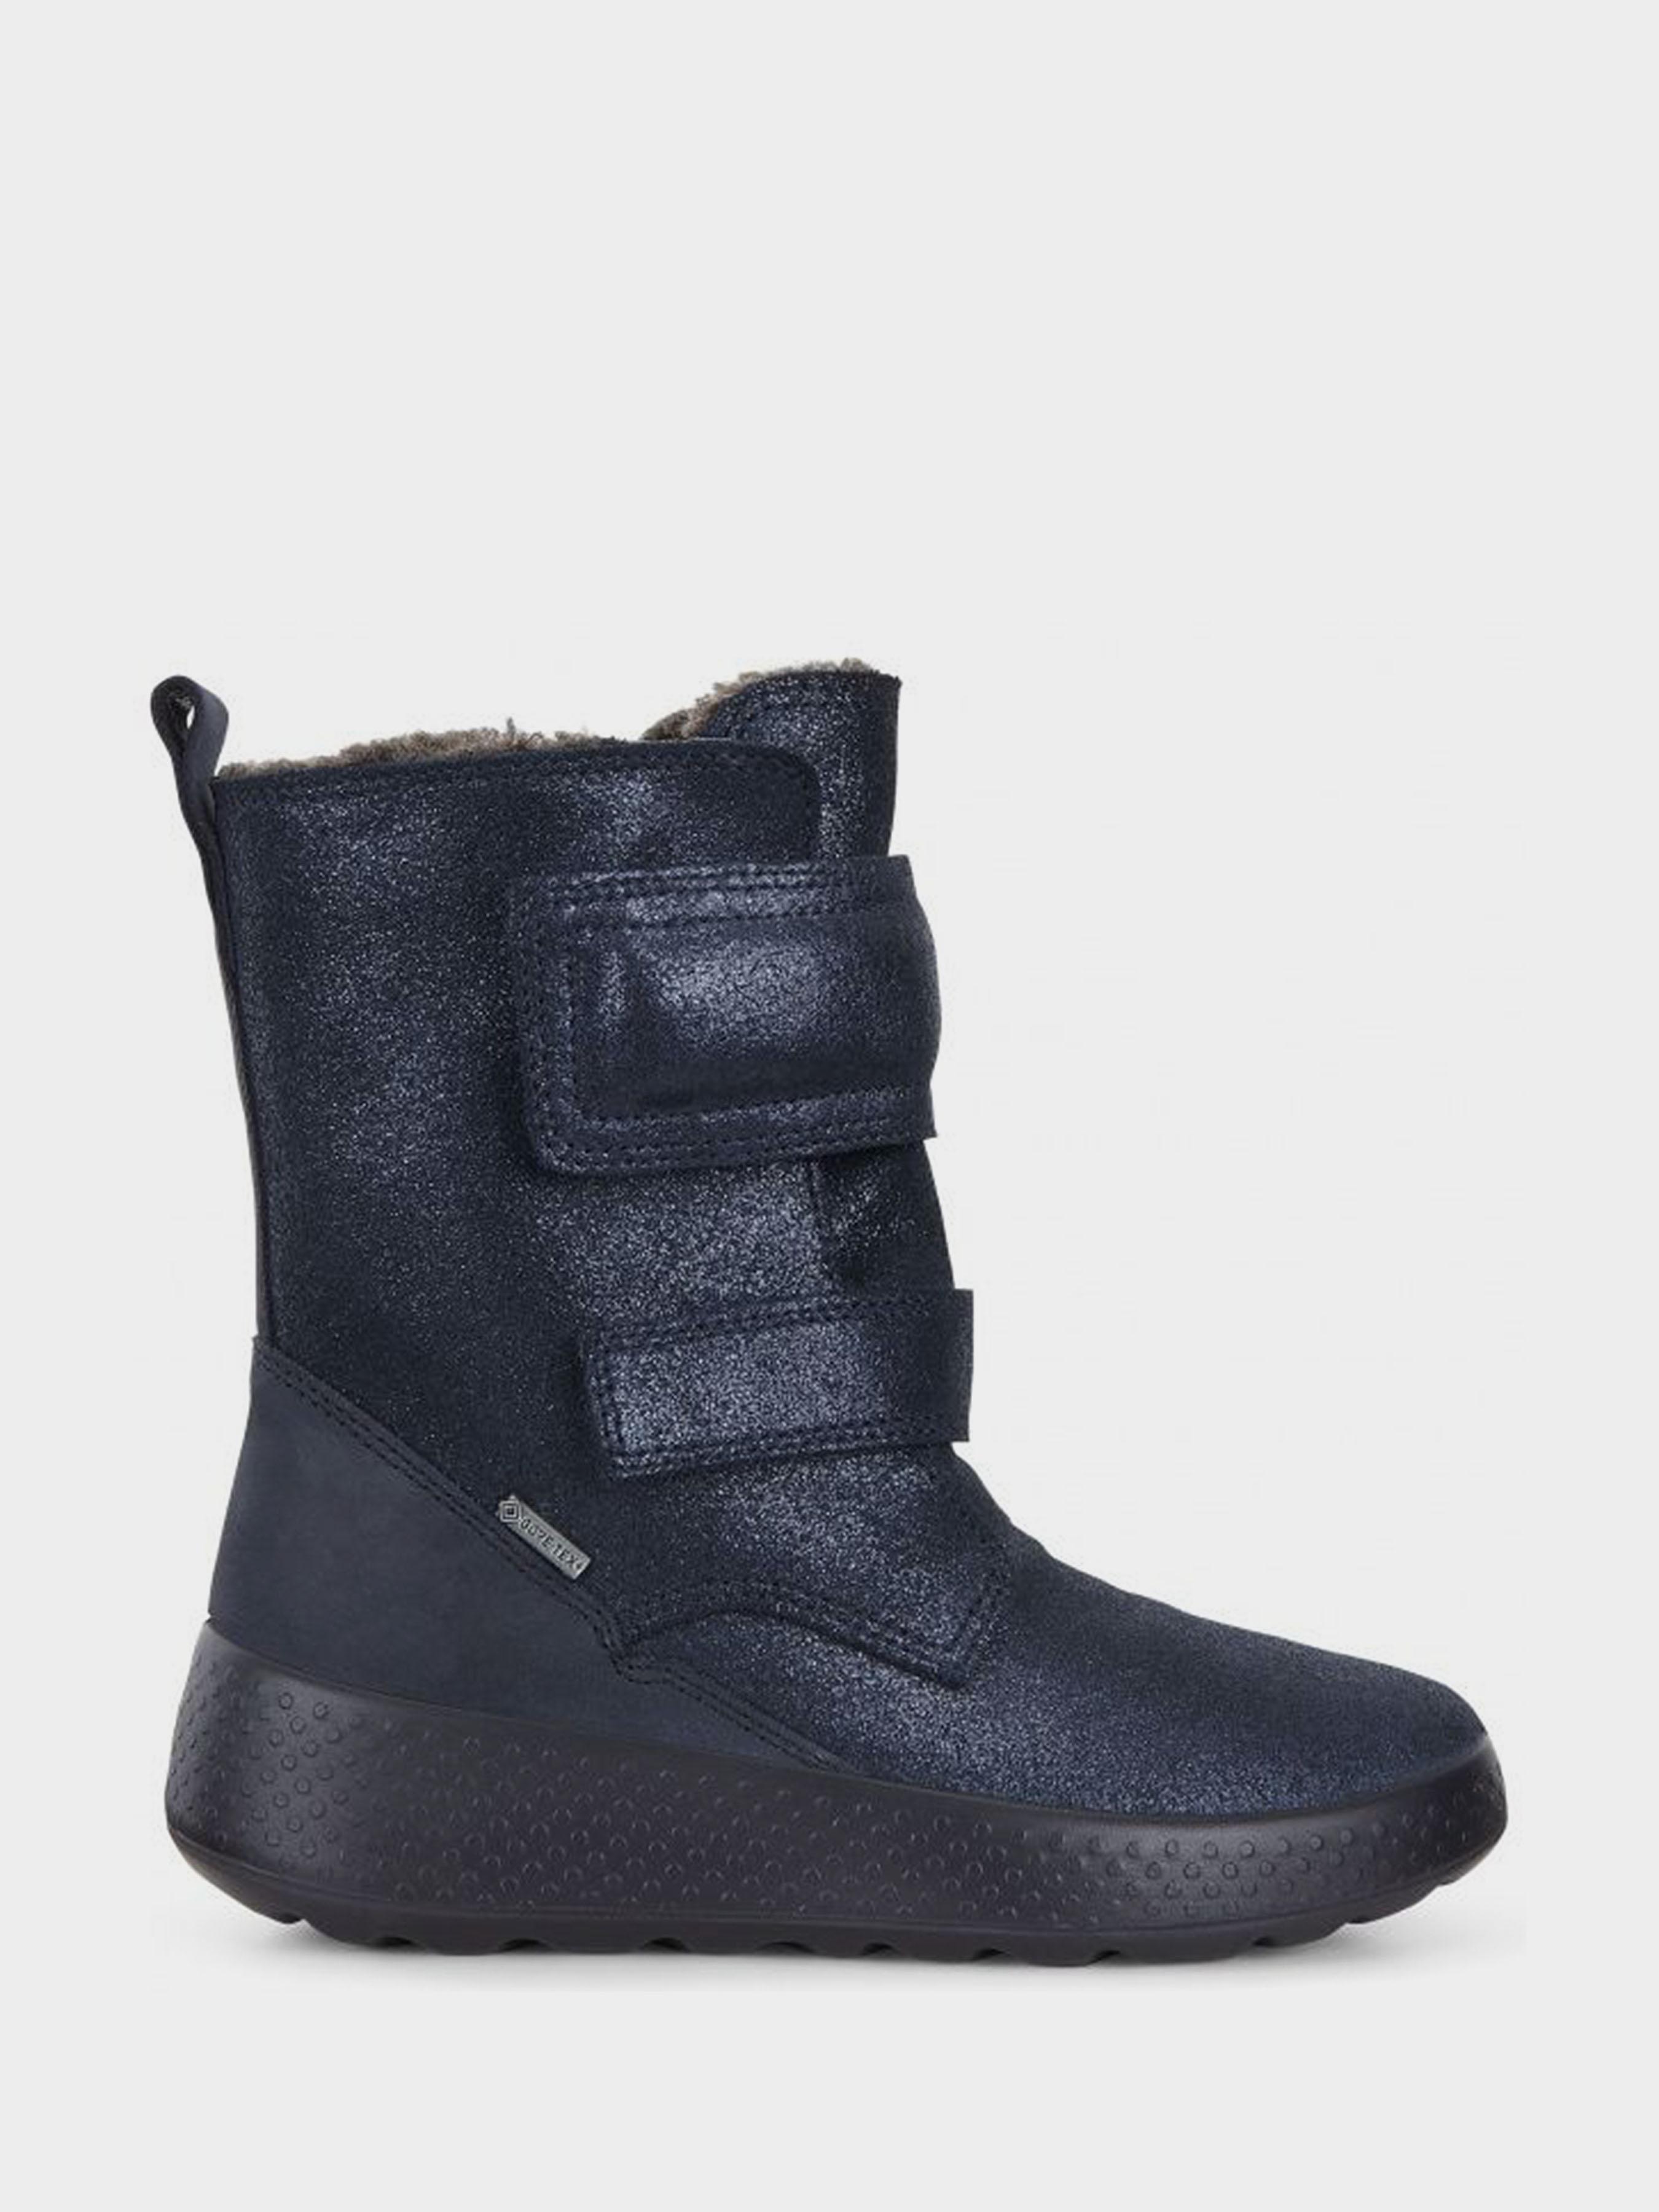 дівчачі чоботи ecco ukiuk kids 723752(51117) комбінований верх